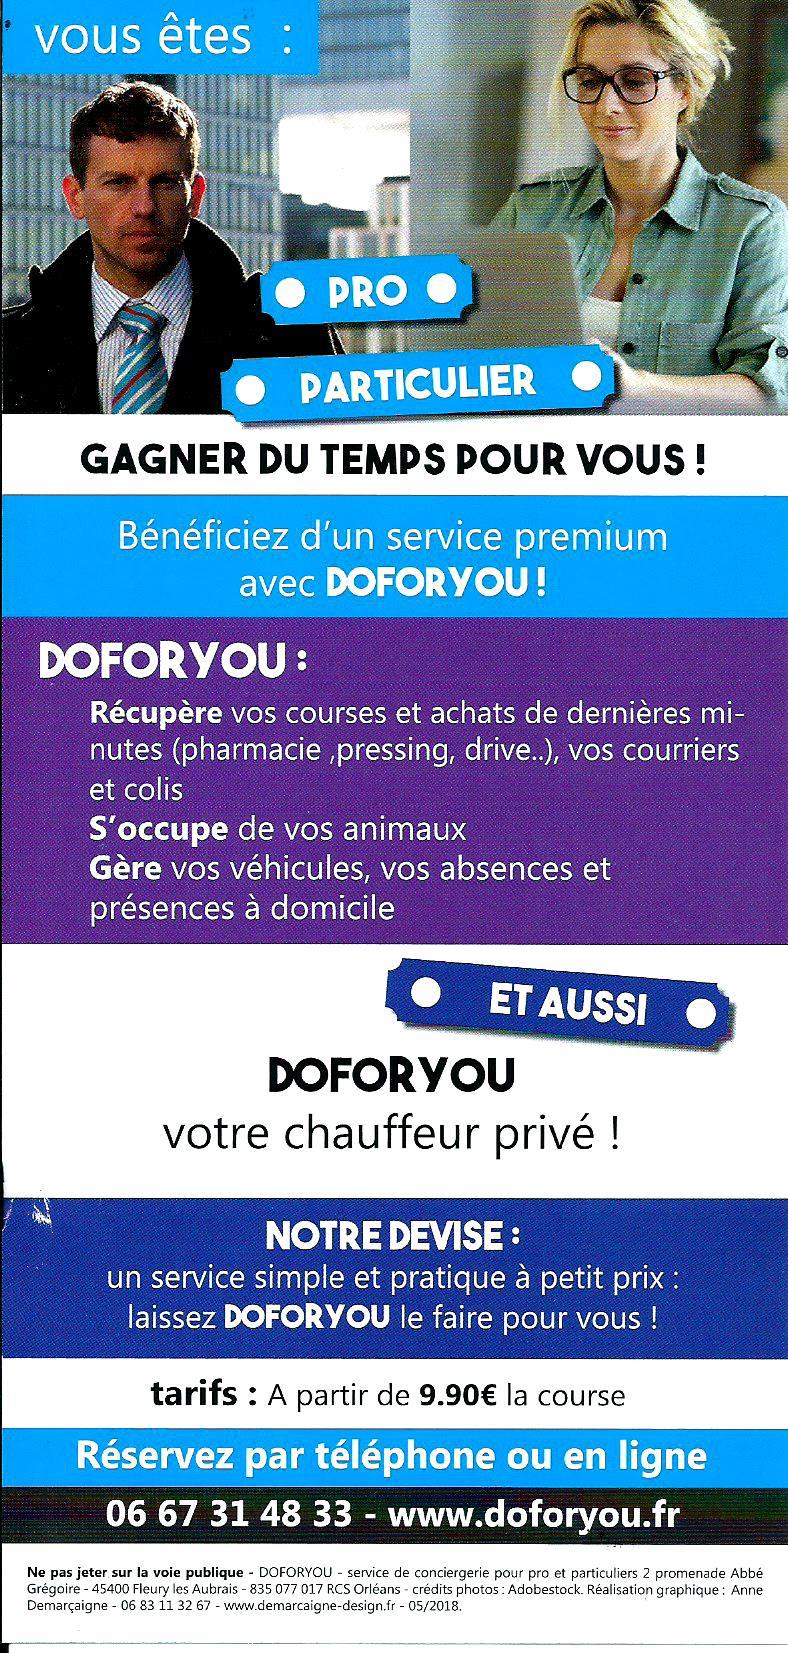 Scan Affiche DOFORYOU 2018 Votre Chauffeur Privé.  (31.05.jpg